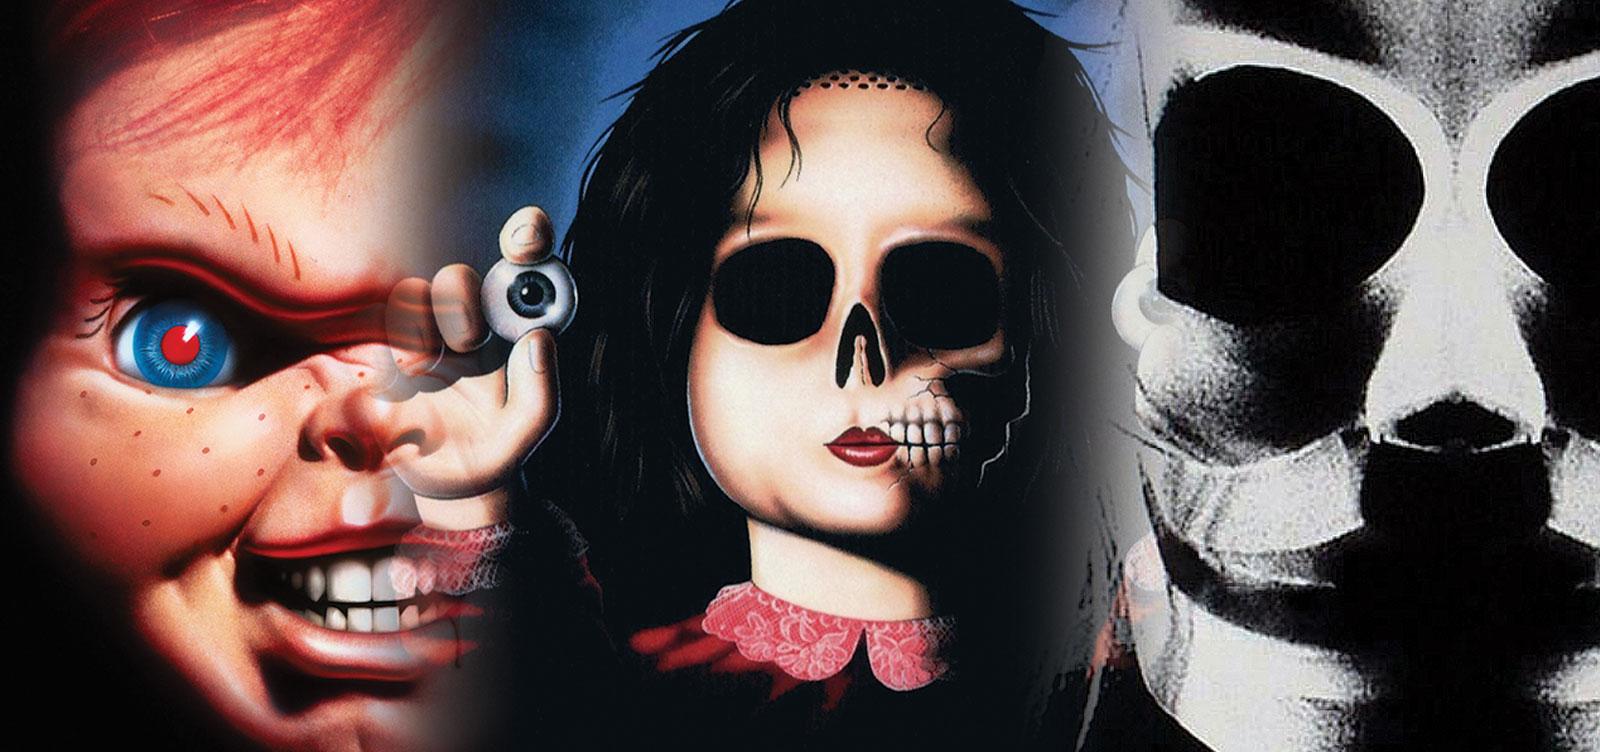 Killer Dolls Horror Land